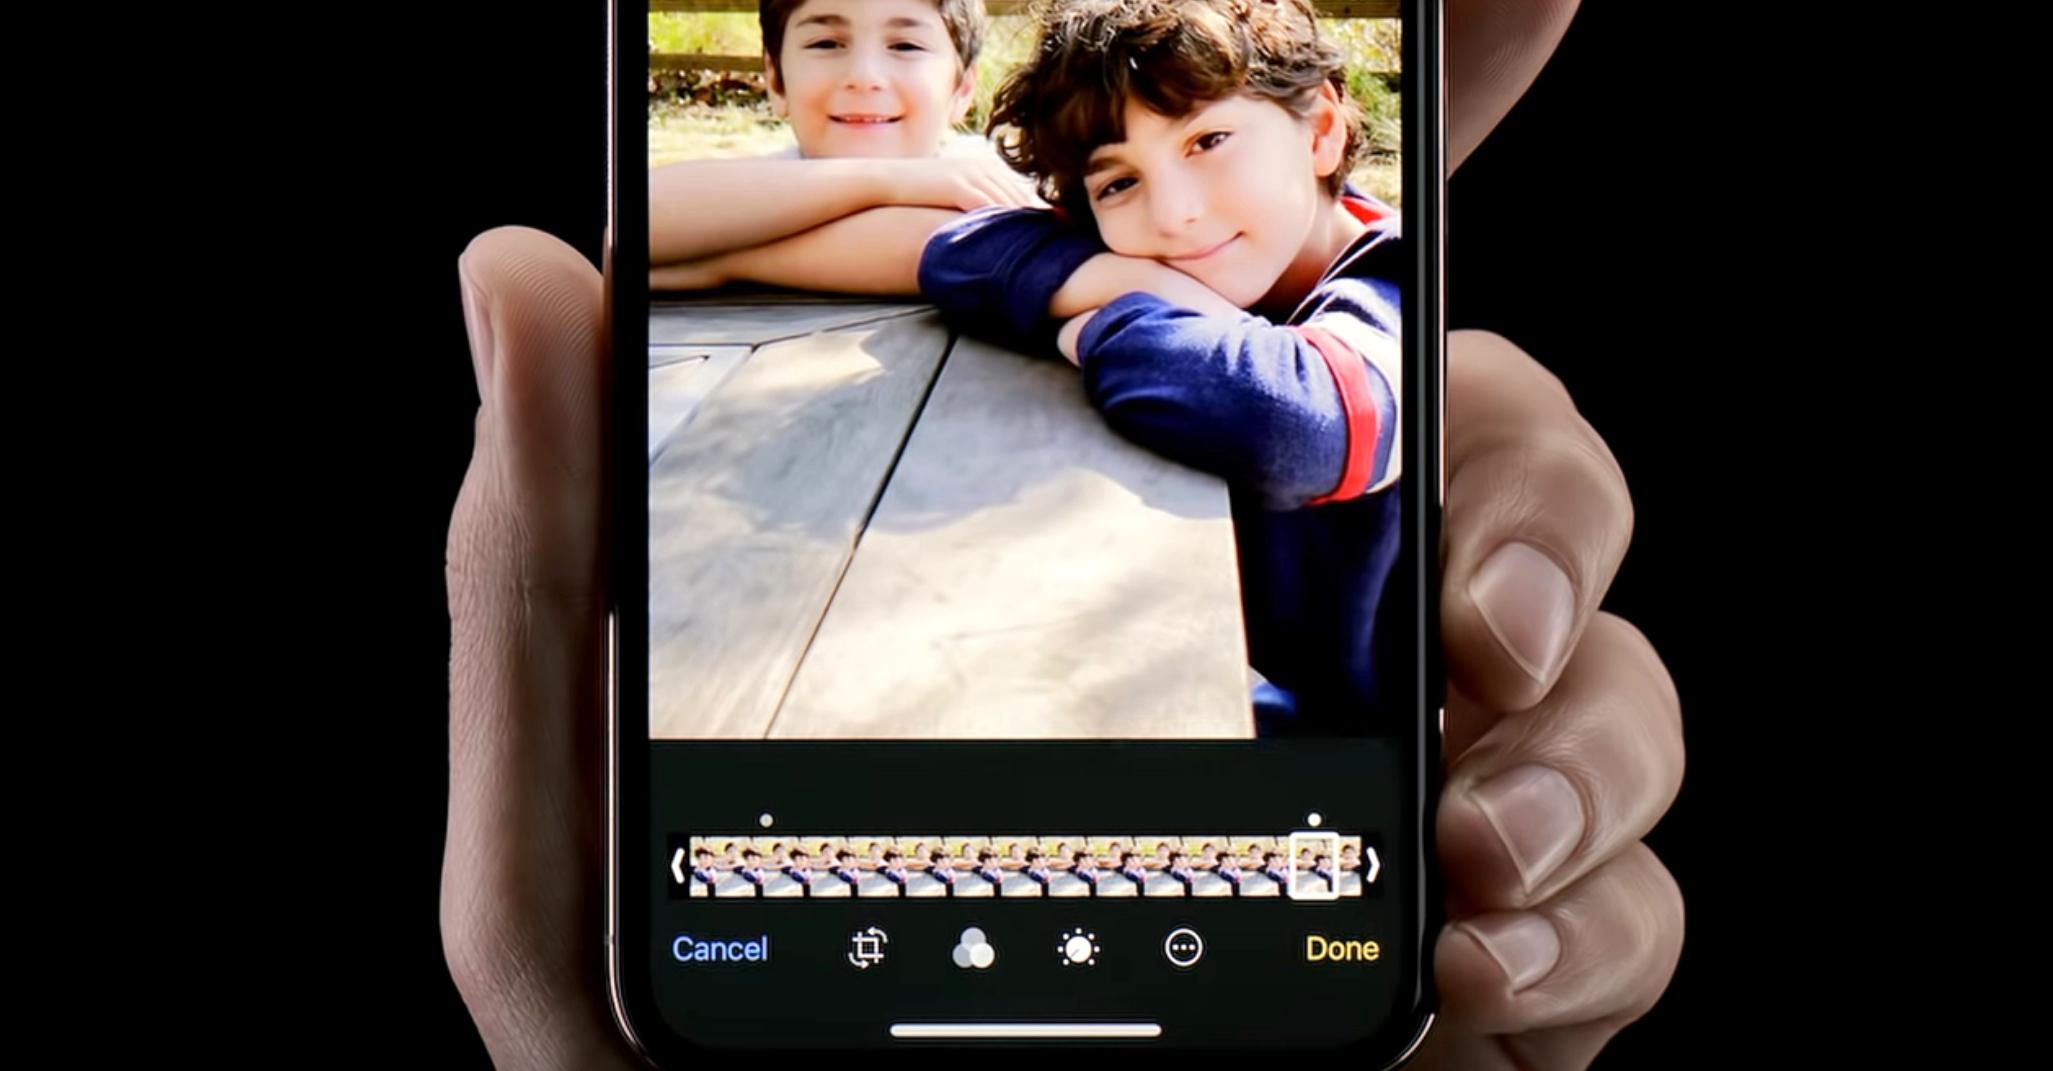 Face ID, résistance à l'eau, cliché parfait, etc. : les nouveaux spots iPhone d'Apple 1